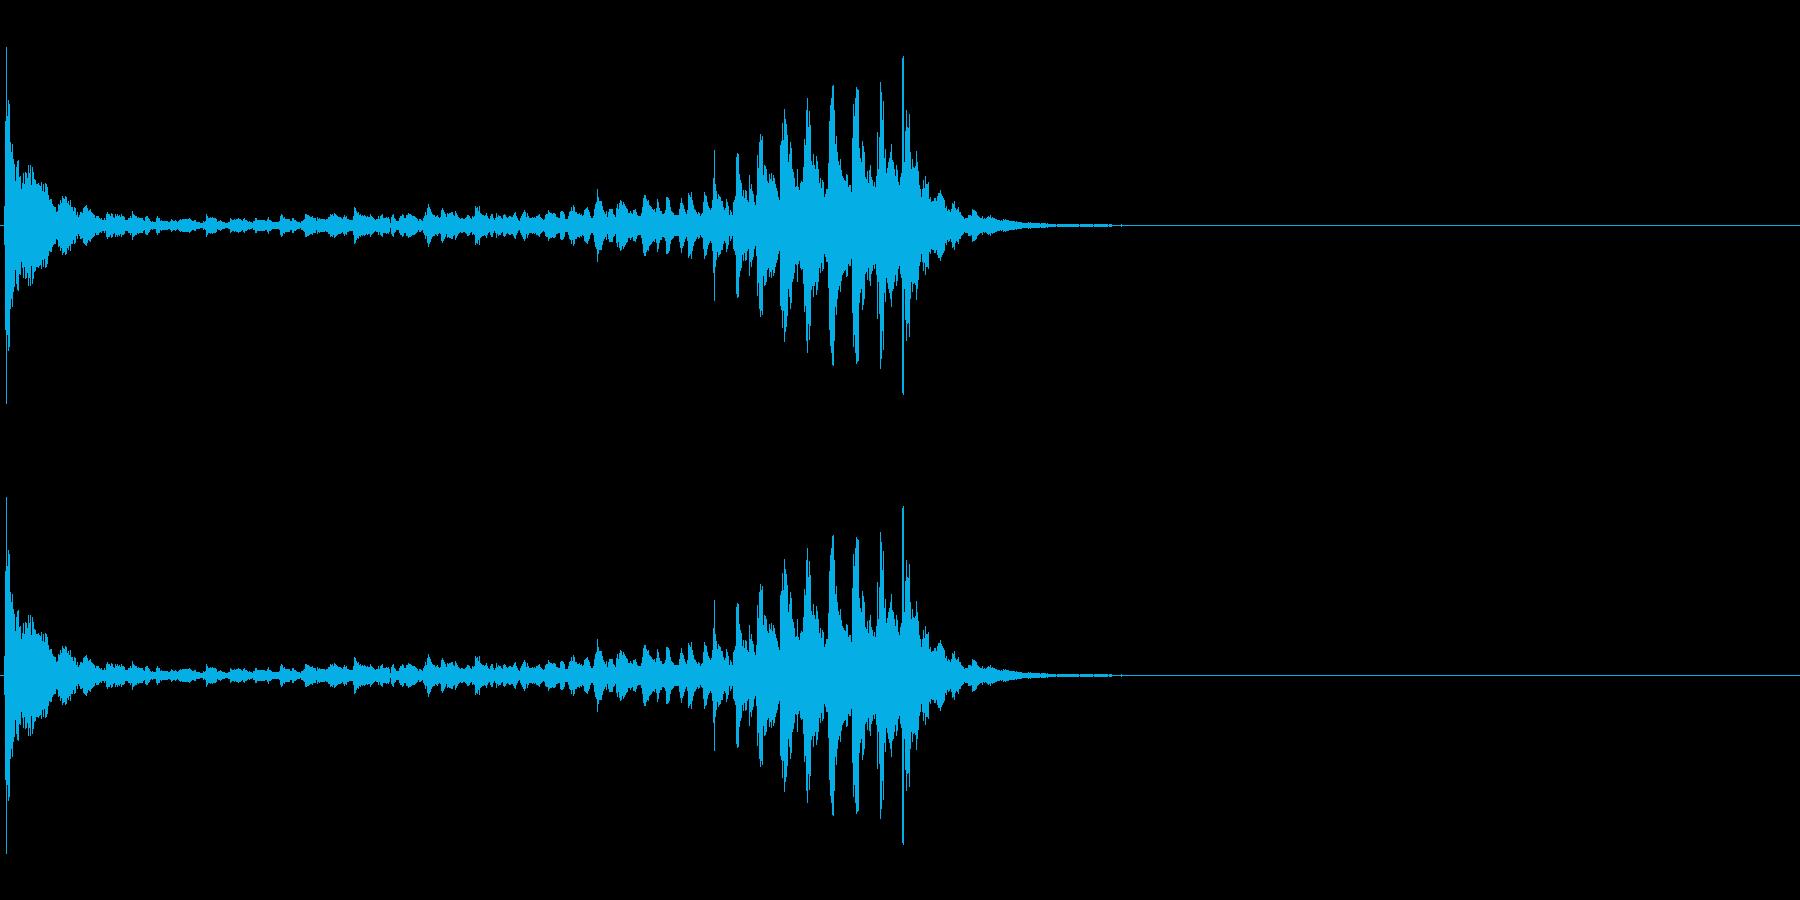 生演奏 琵琶 和風 古典風#13の再生済みの波形